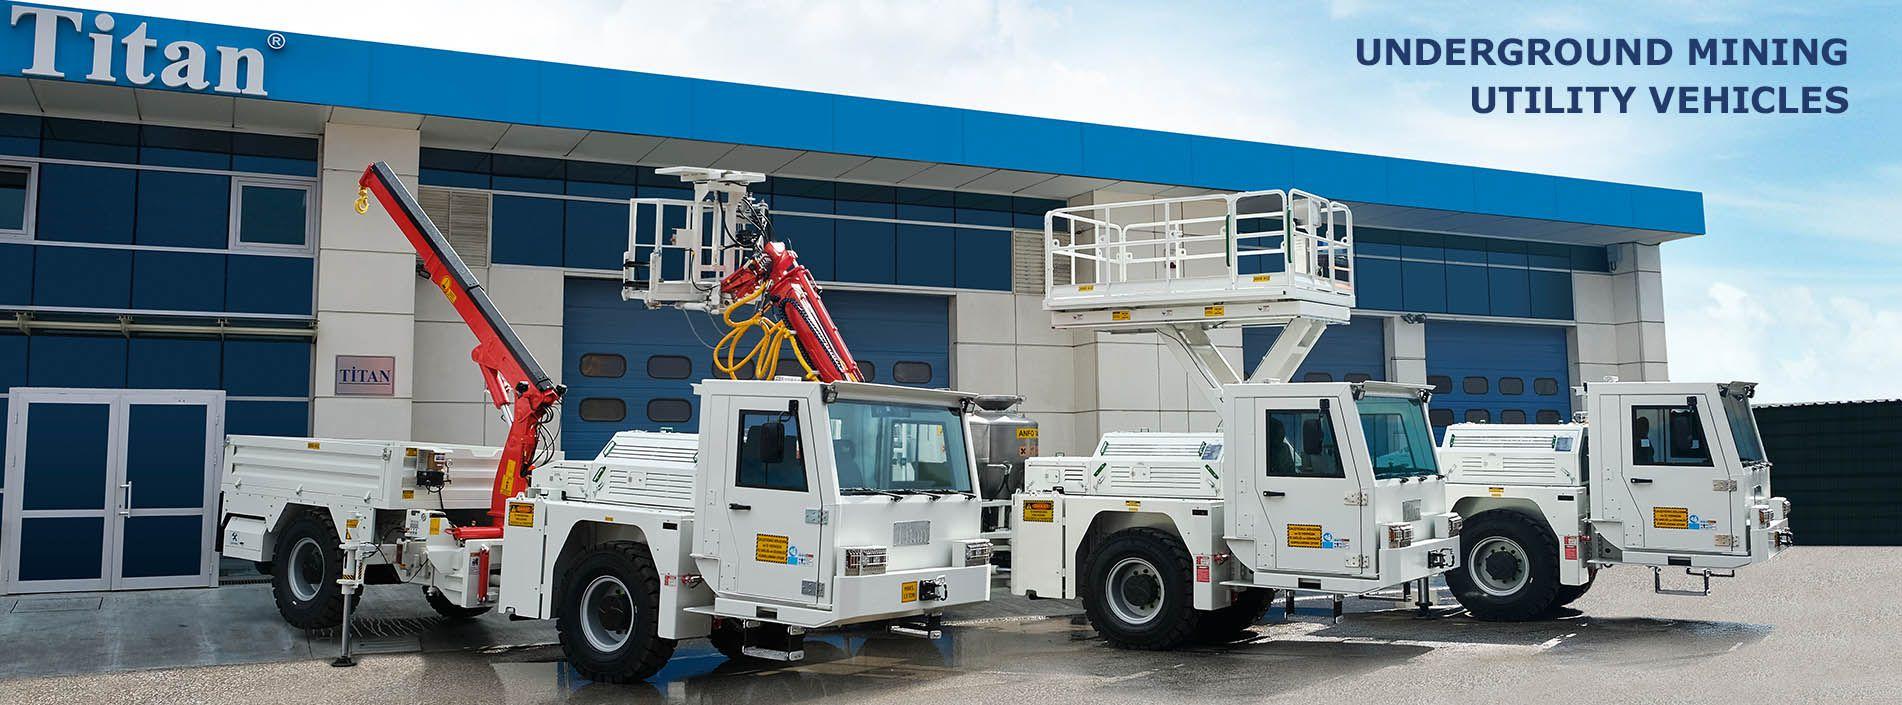 Mining Utility Vehicle